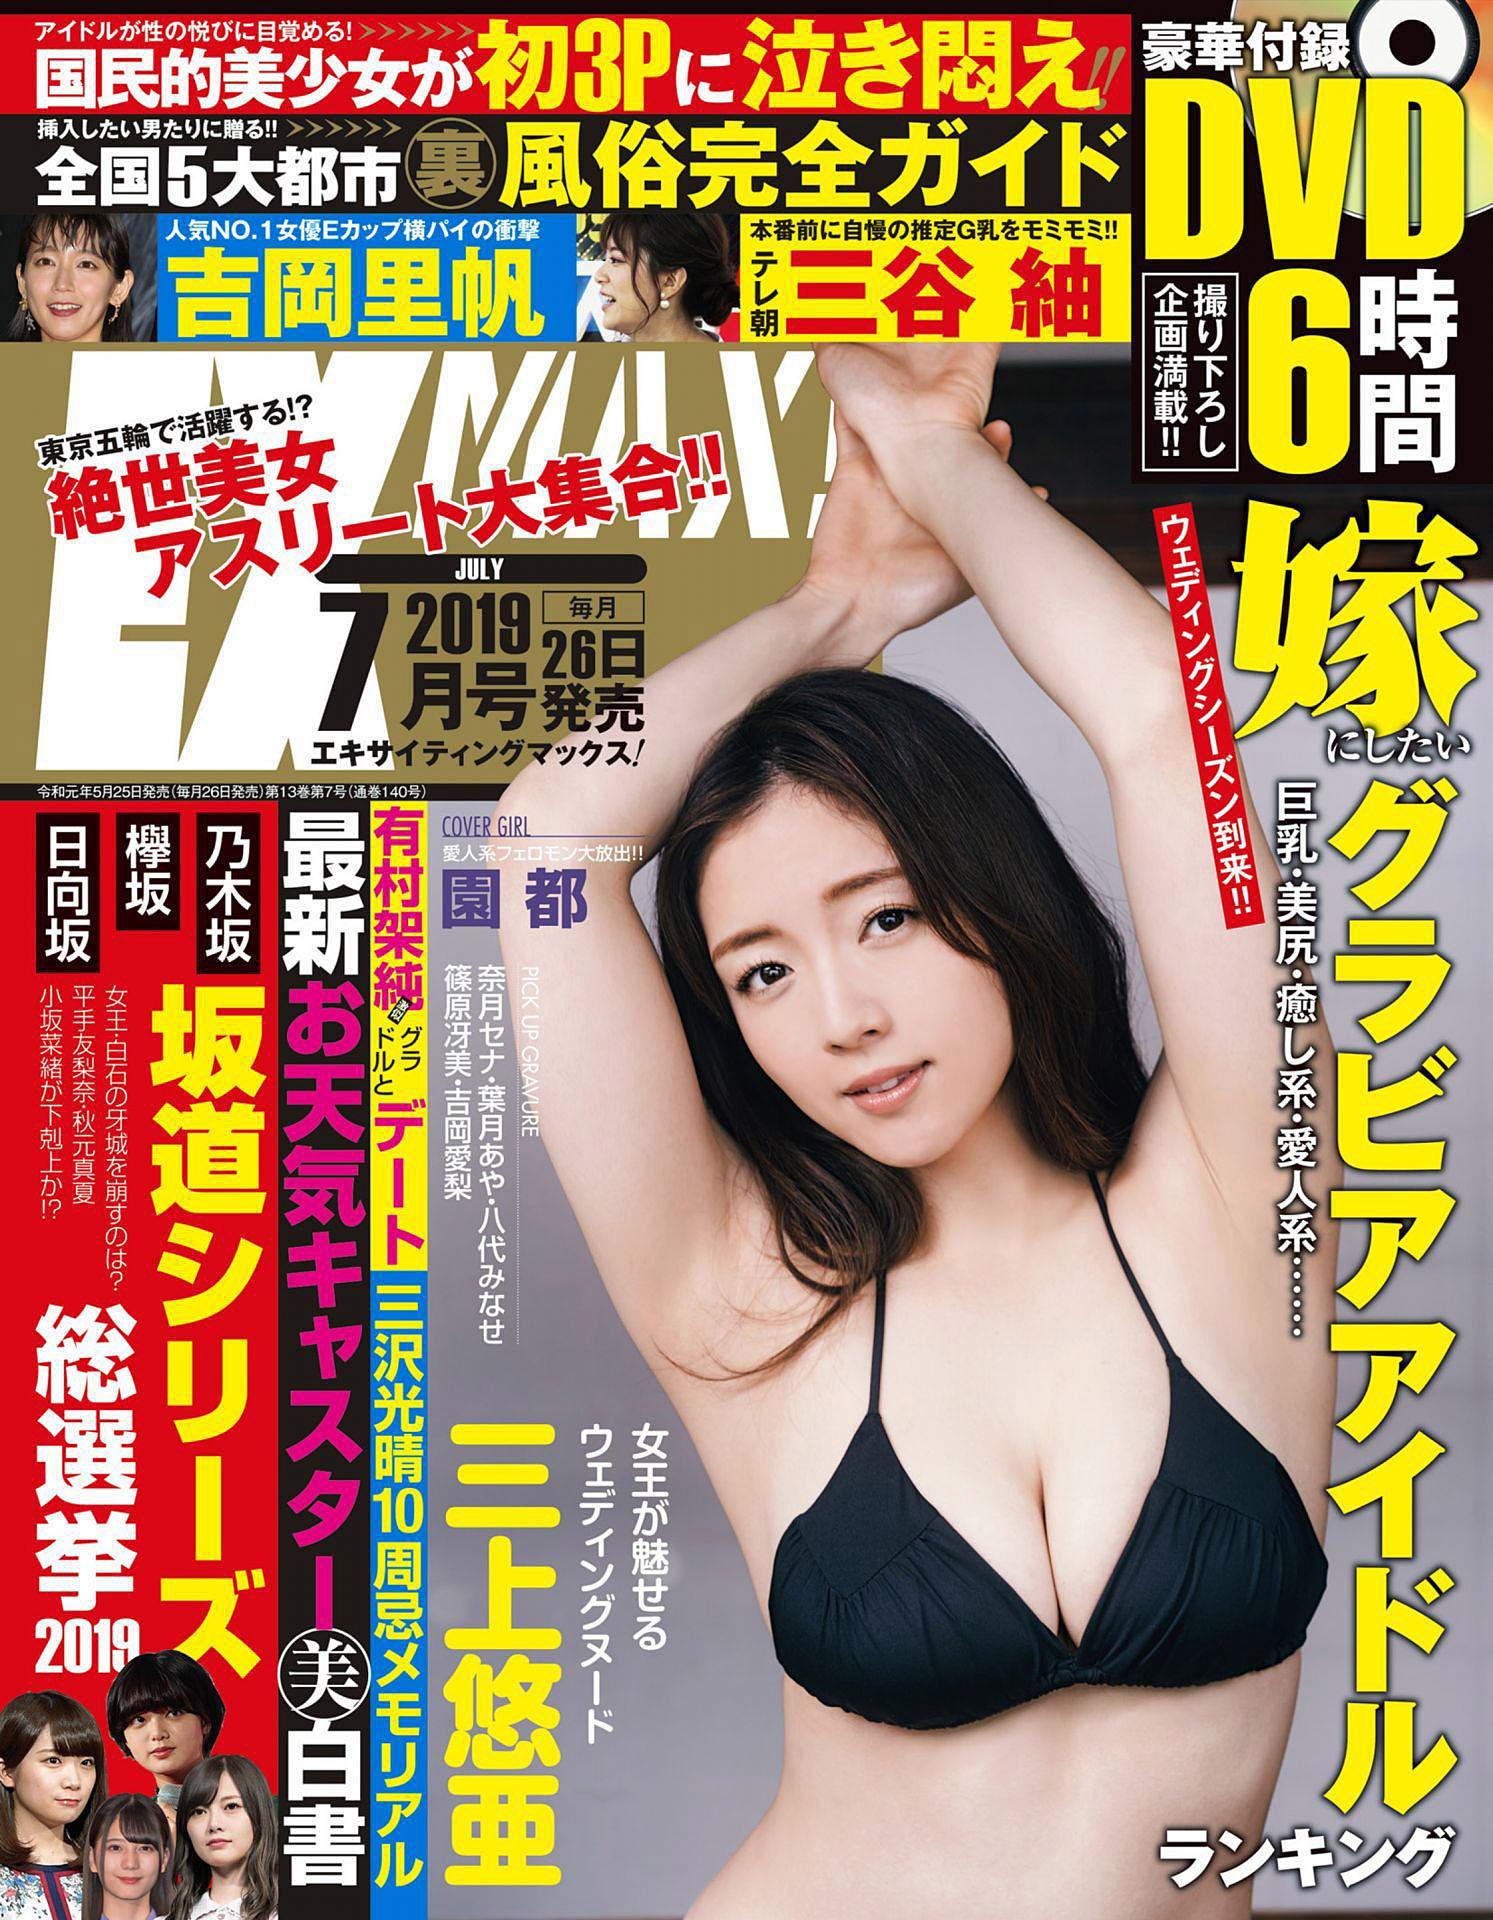 Sono Miyako EX-Max 1907 01.jpg